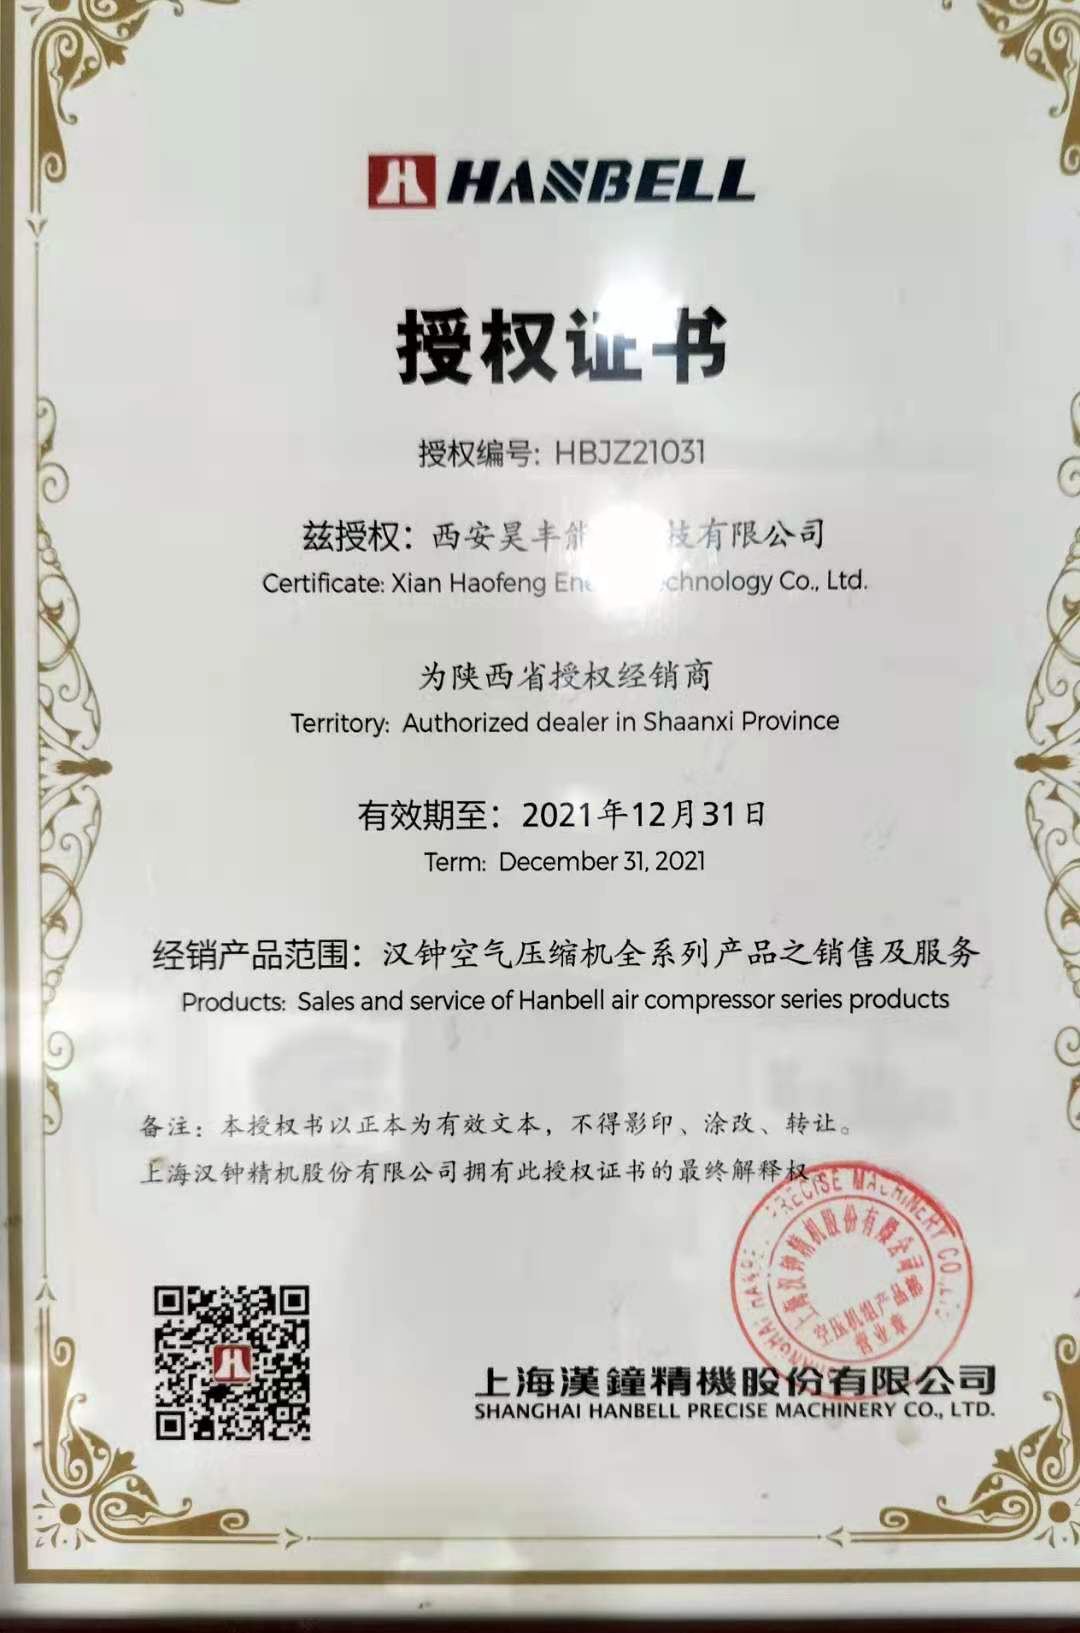 汉钟空气压缩机全系列产品之销售及服务